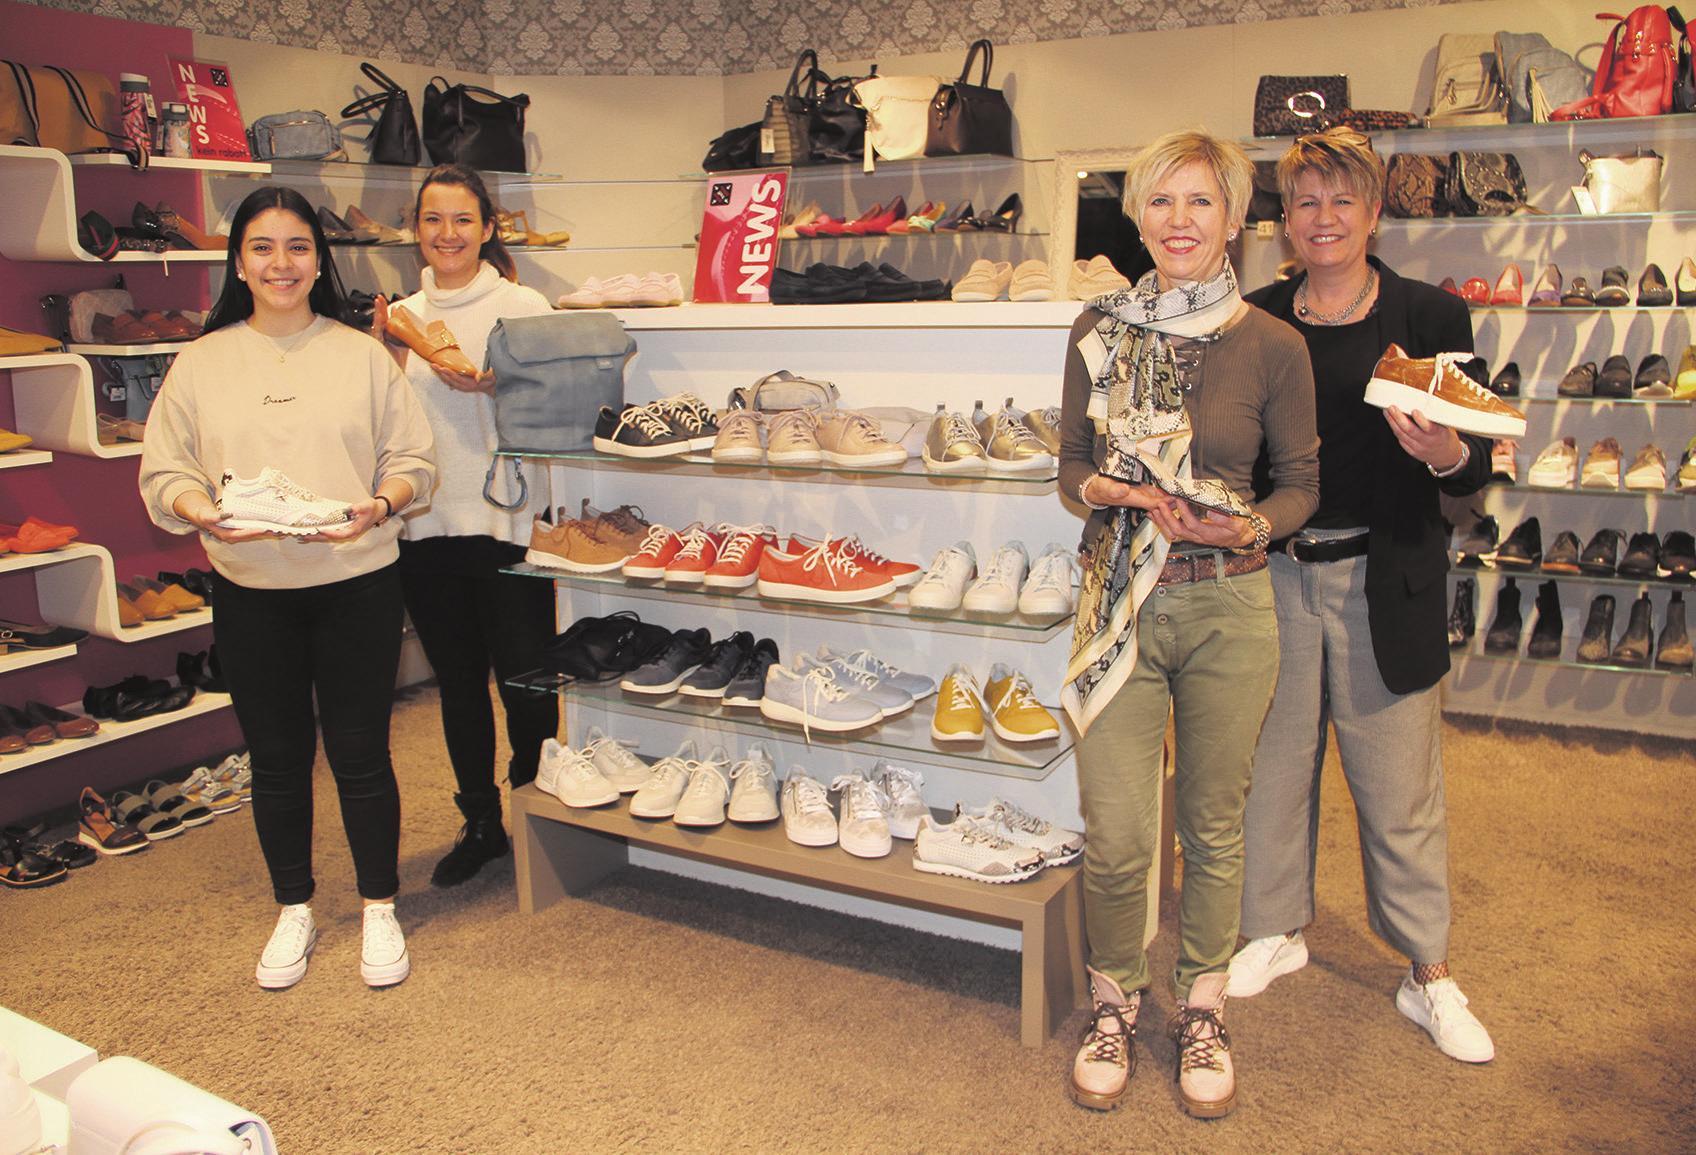 Ein kompetentes Team: (v. l.) Marianna Dos Santos, Celina Aumer, Mirjam Stauber und Erika Barth-Wehrli. Bild: Carolin Frei